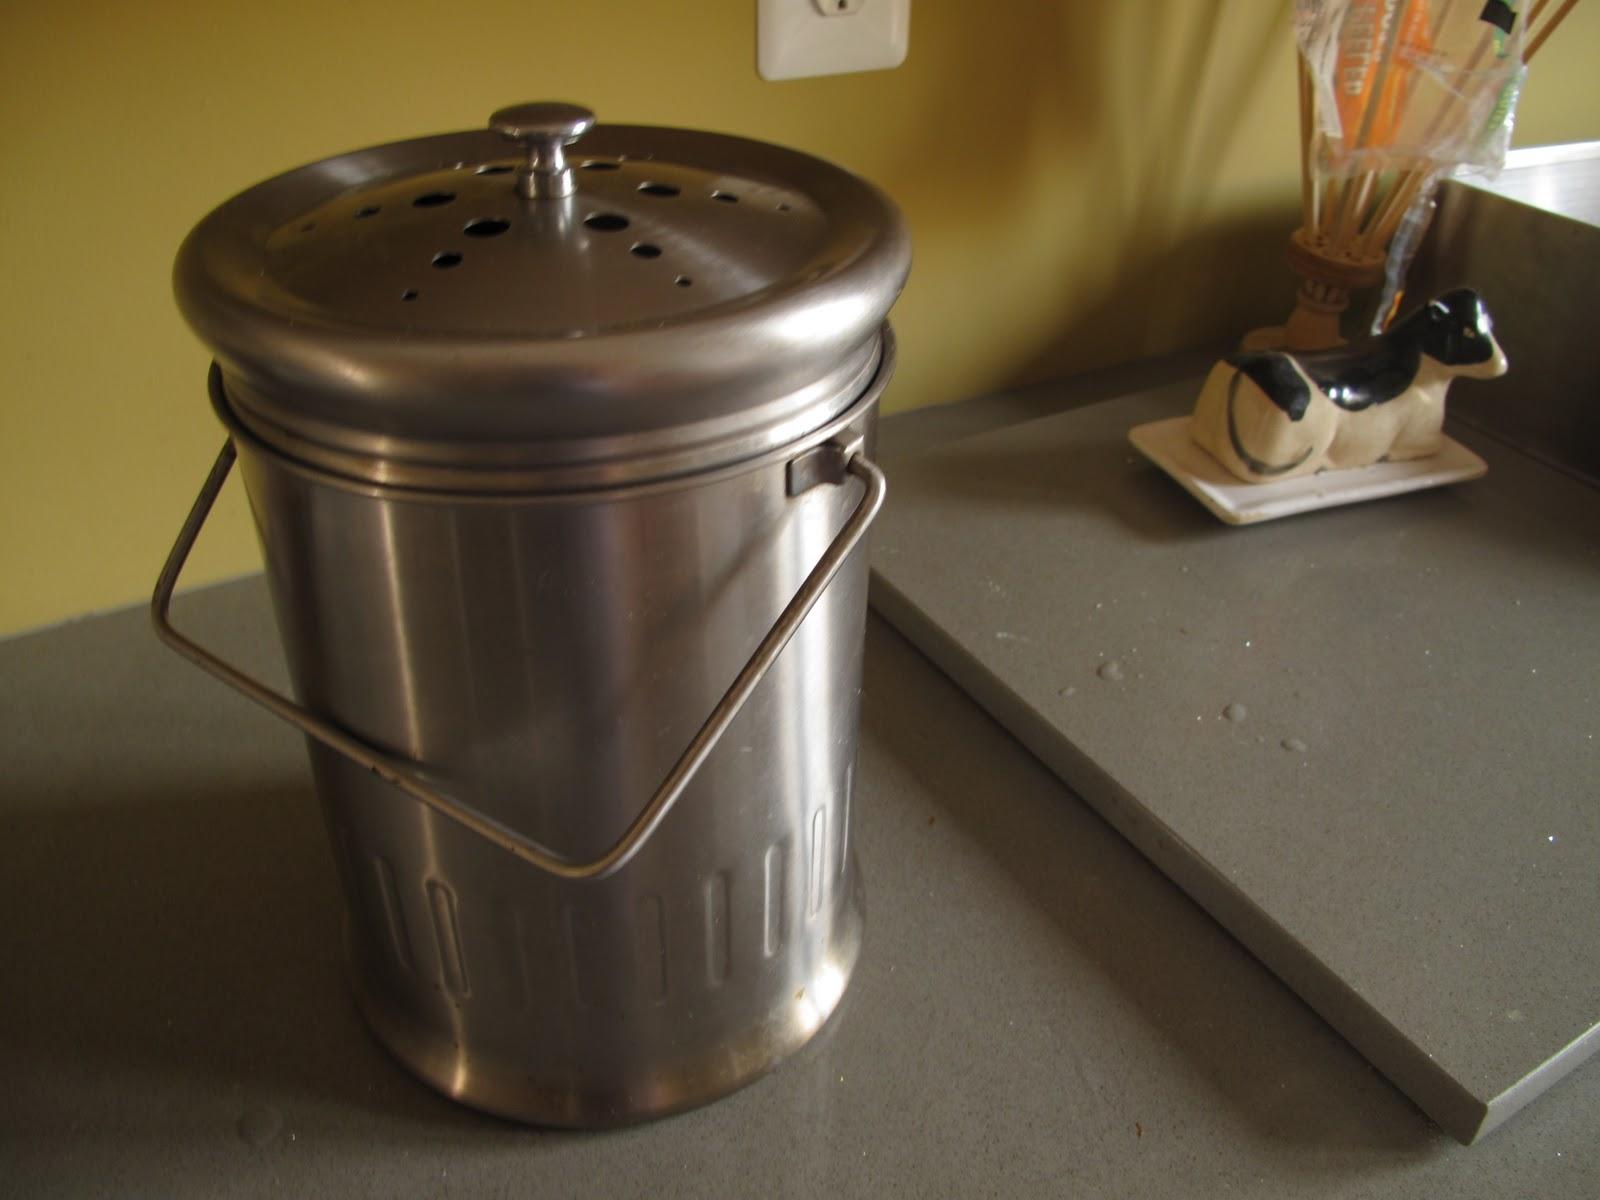 Countertop Compost Bin : My Countertop Compost bin